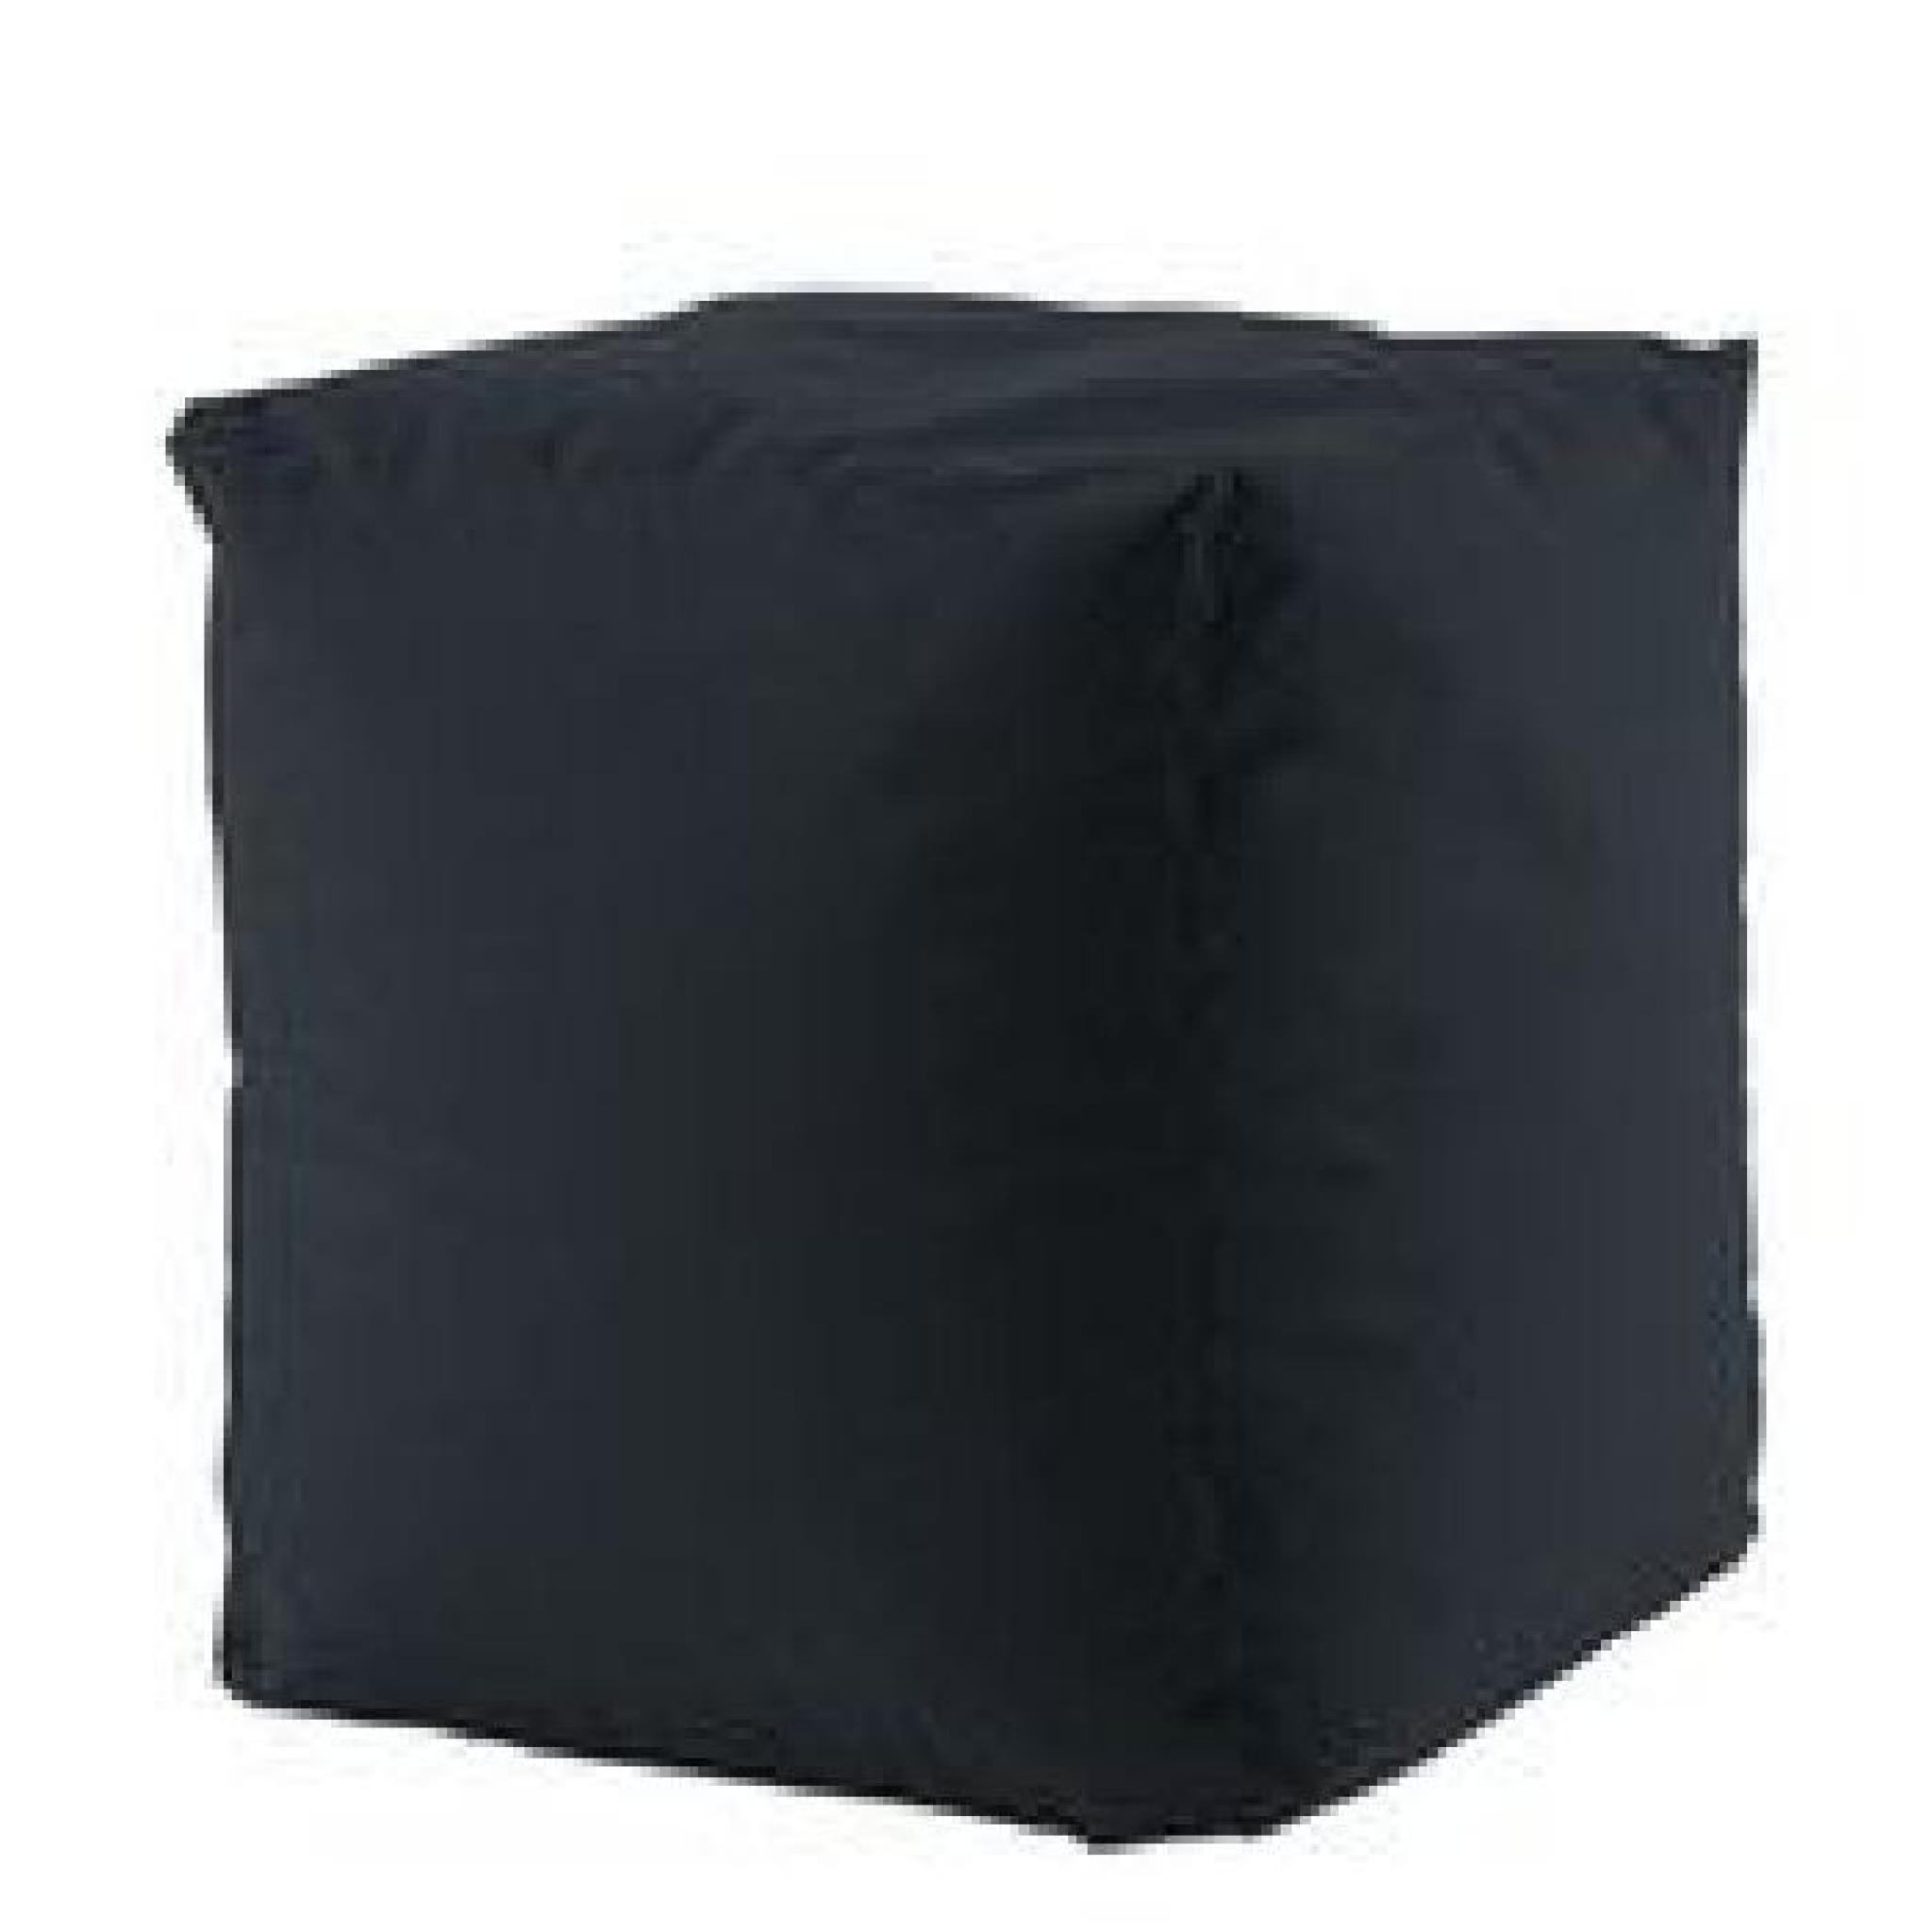 Pouf outdoor square noir achat vente pouf exterieur pas for Mobilier outdoor pas cher